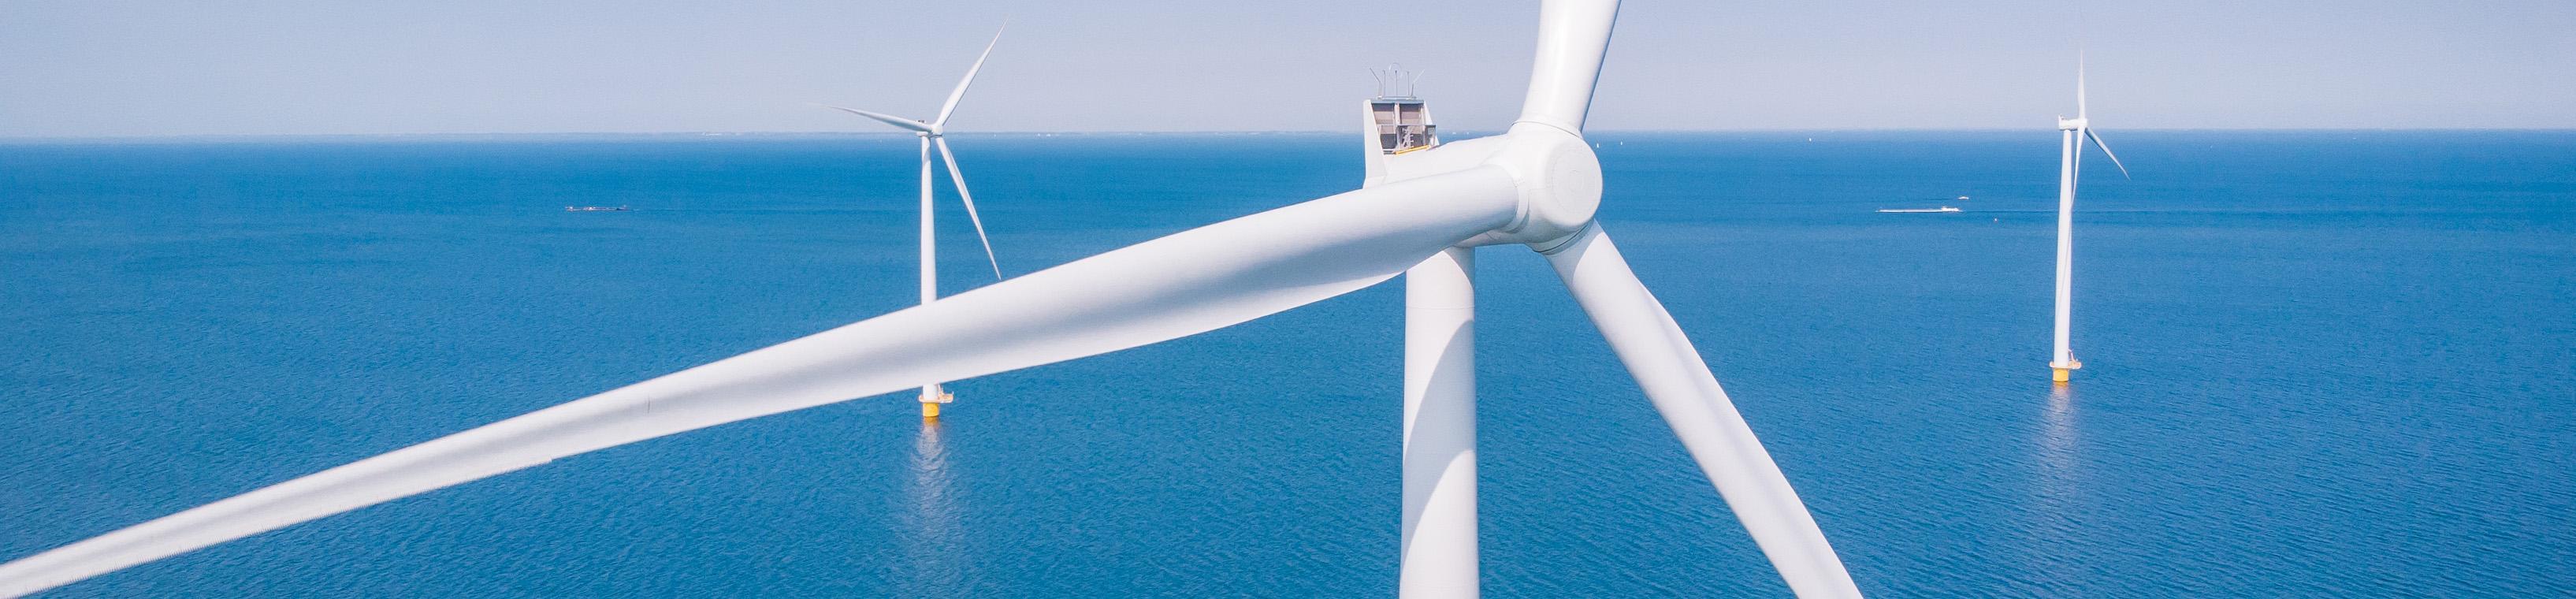 offshore-wind-deis-banner.jpg